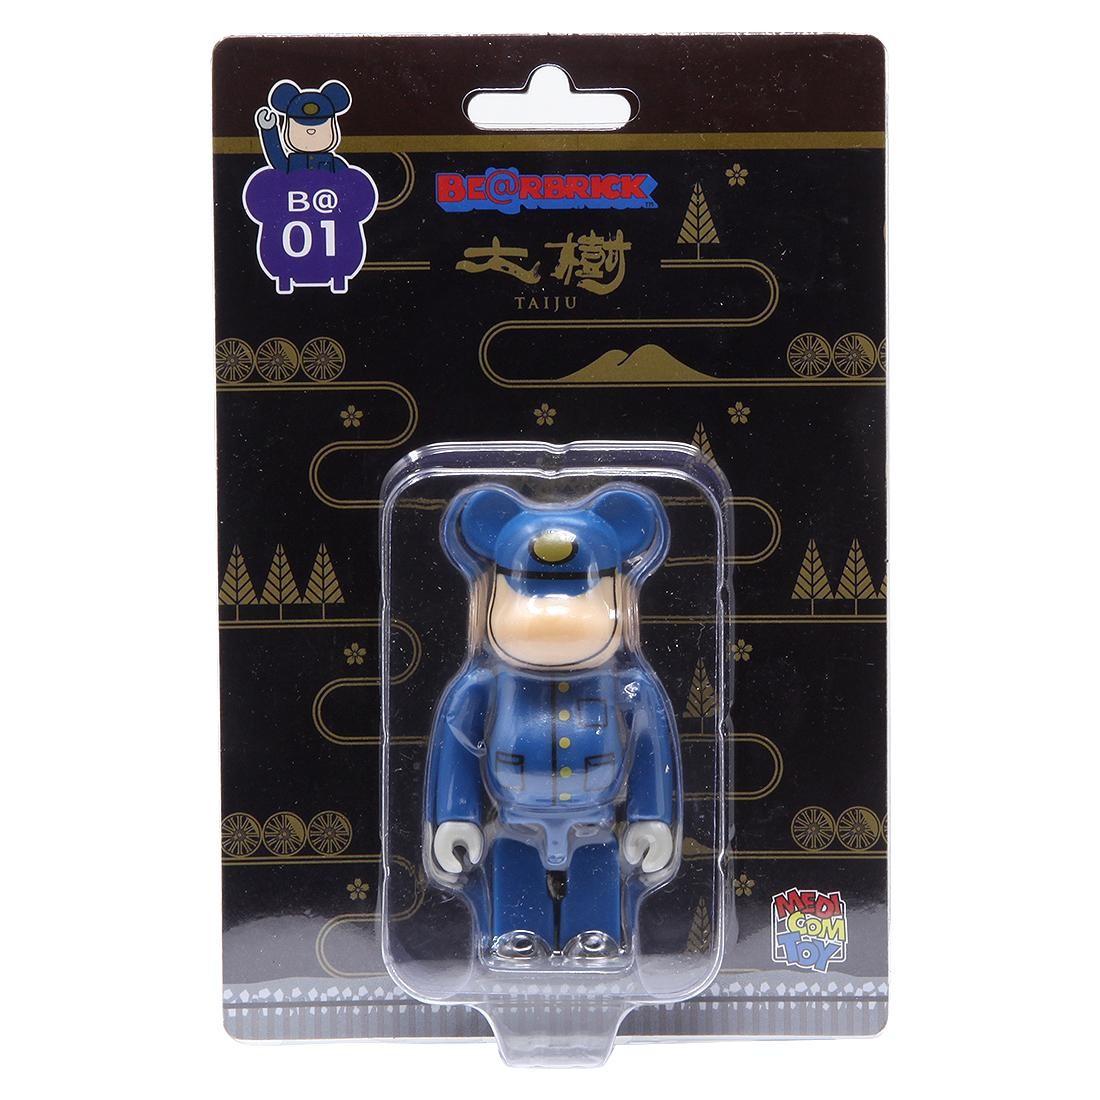 Medicom Tobu Railway SL Taiju Engineer 100% Bearbrick Figure (blue)